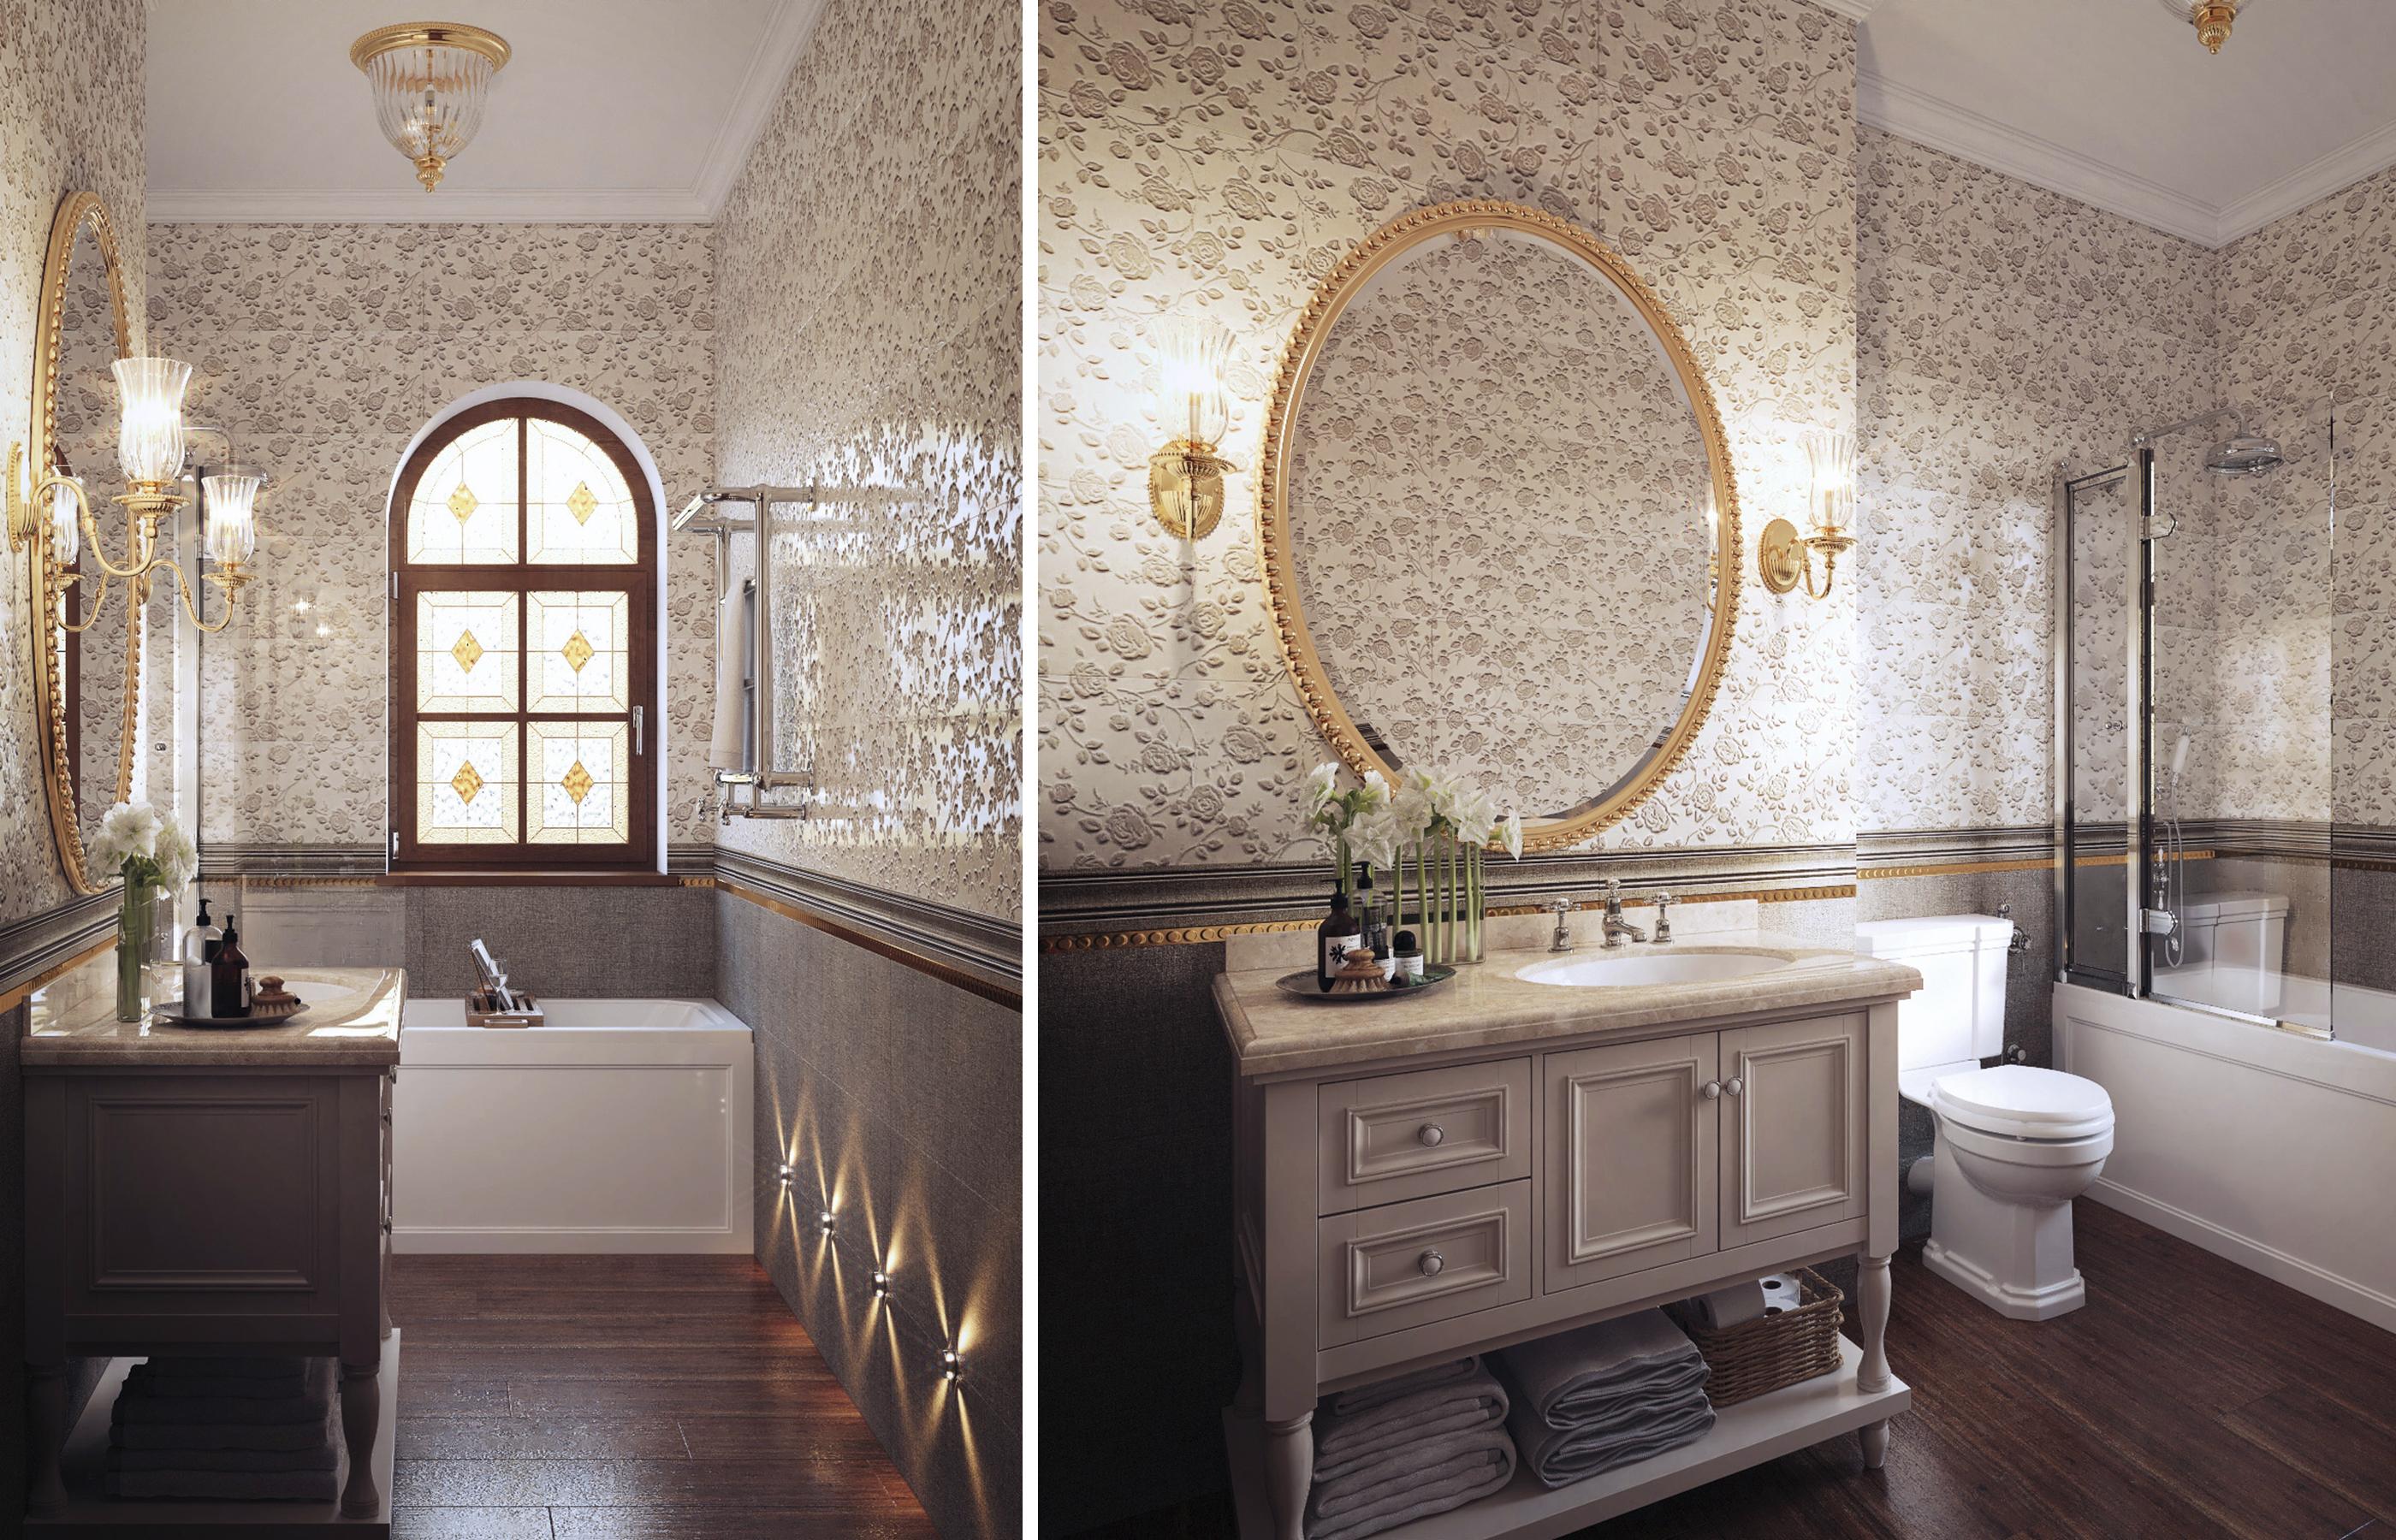 Витражные вставки в окне создают в интерьере ванной комнаты всегда солнечное освещение